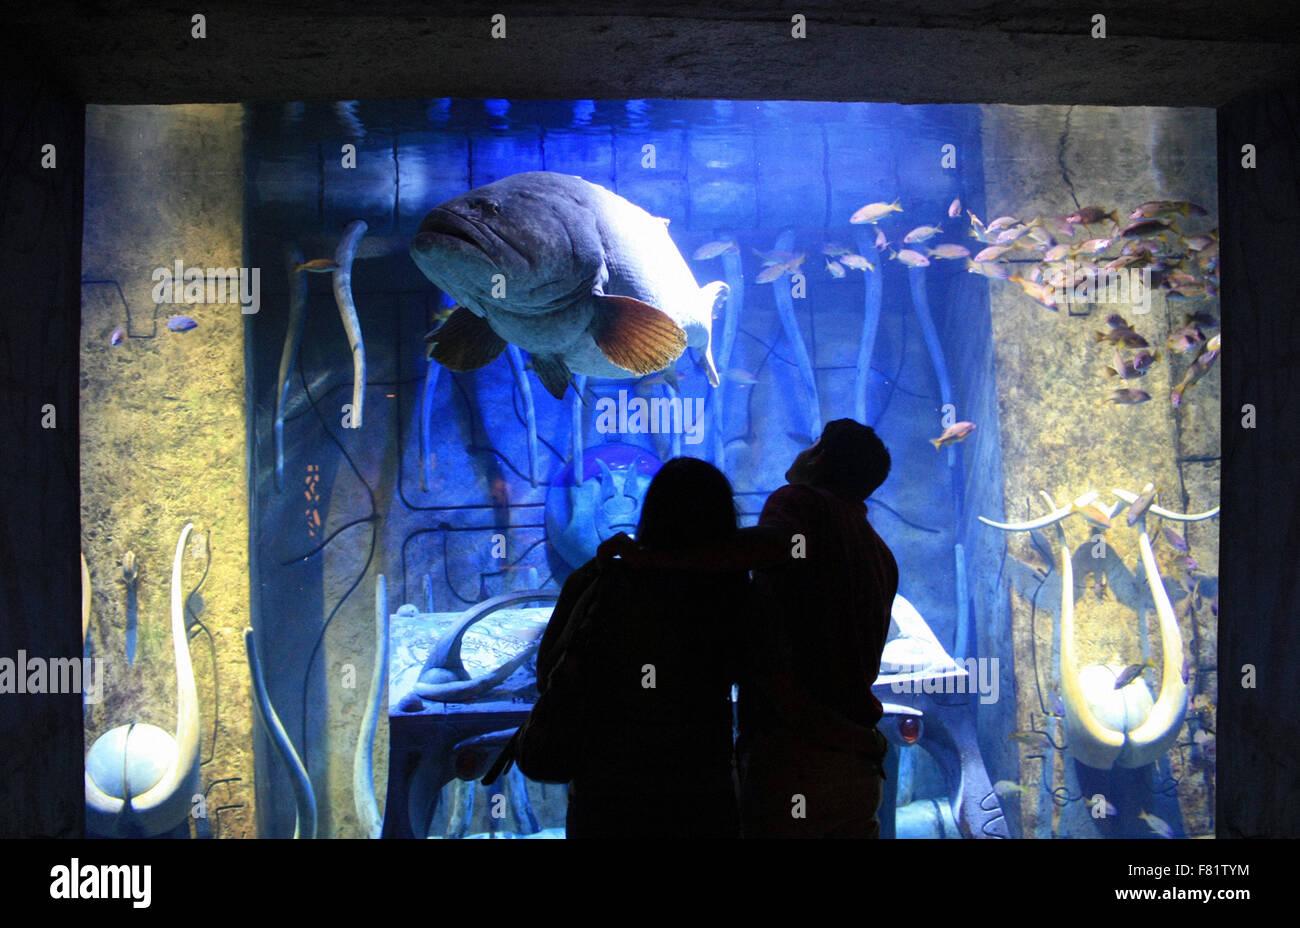 Giant Fish Aquarium Stock Photos Giant Fish Aquarium Stock Images